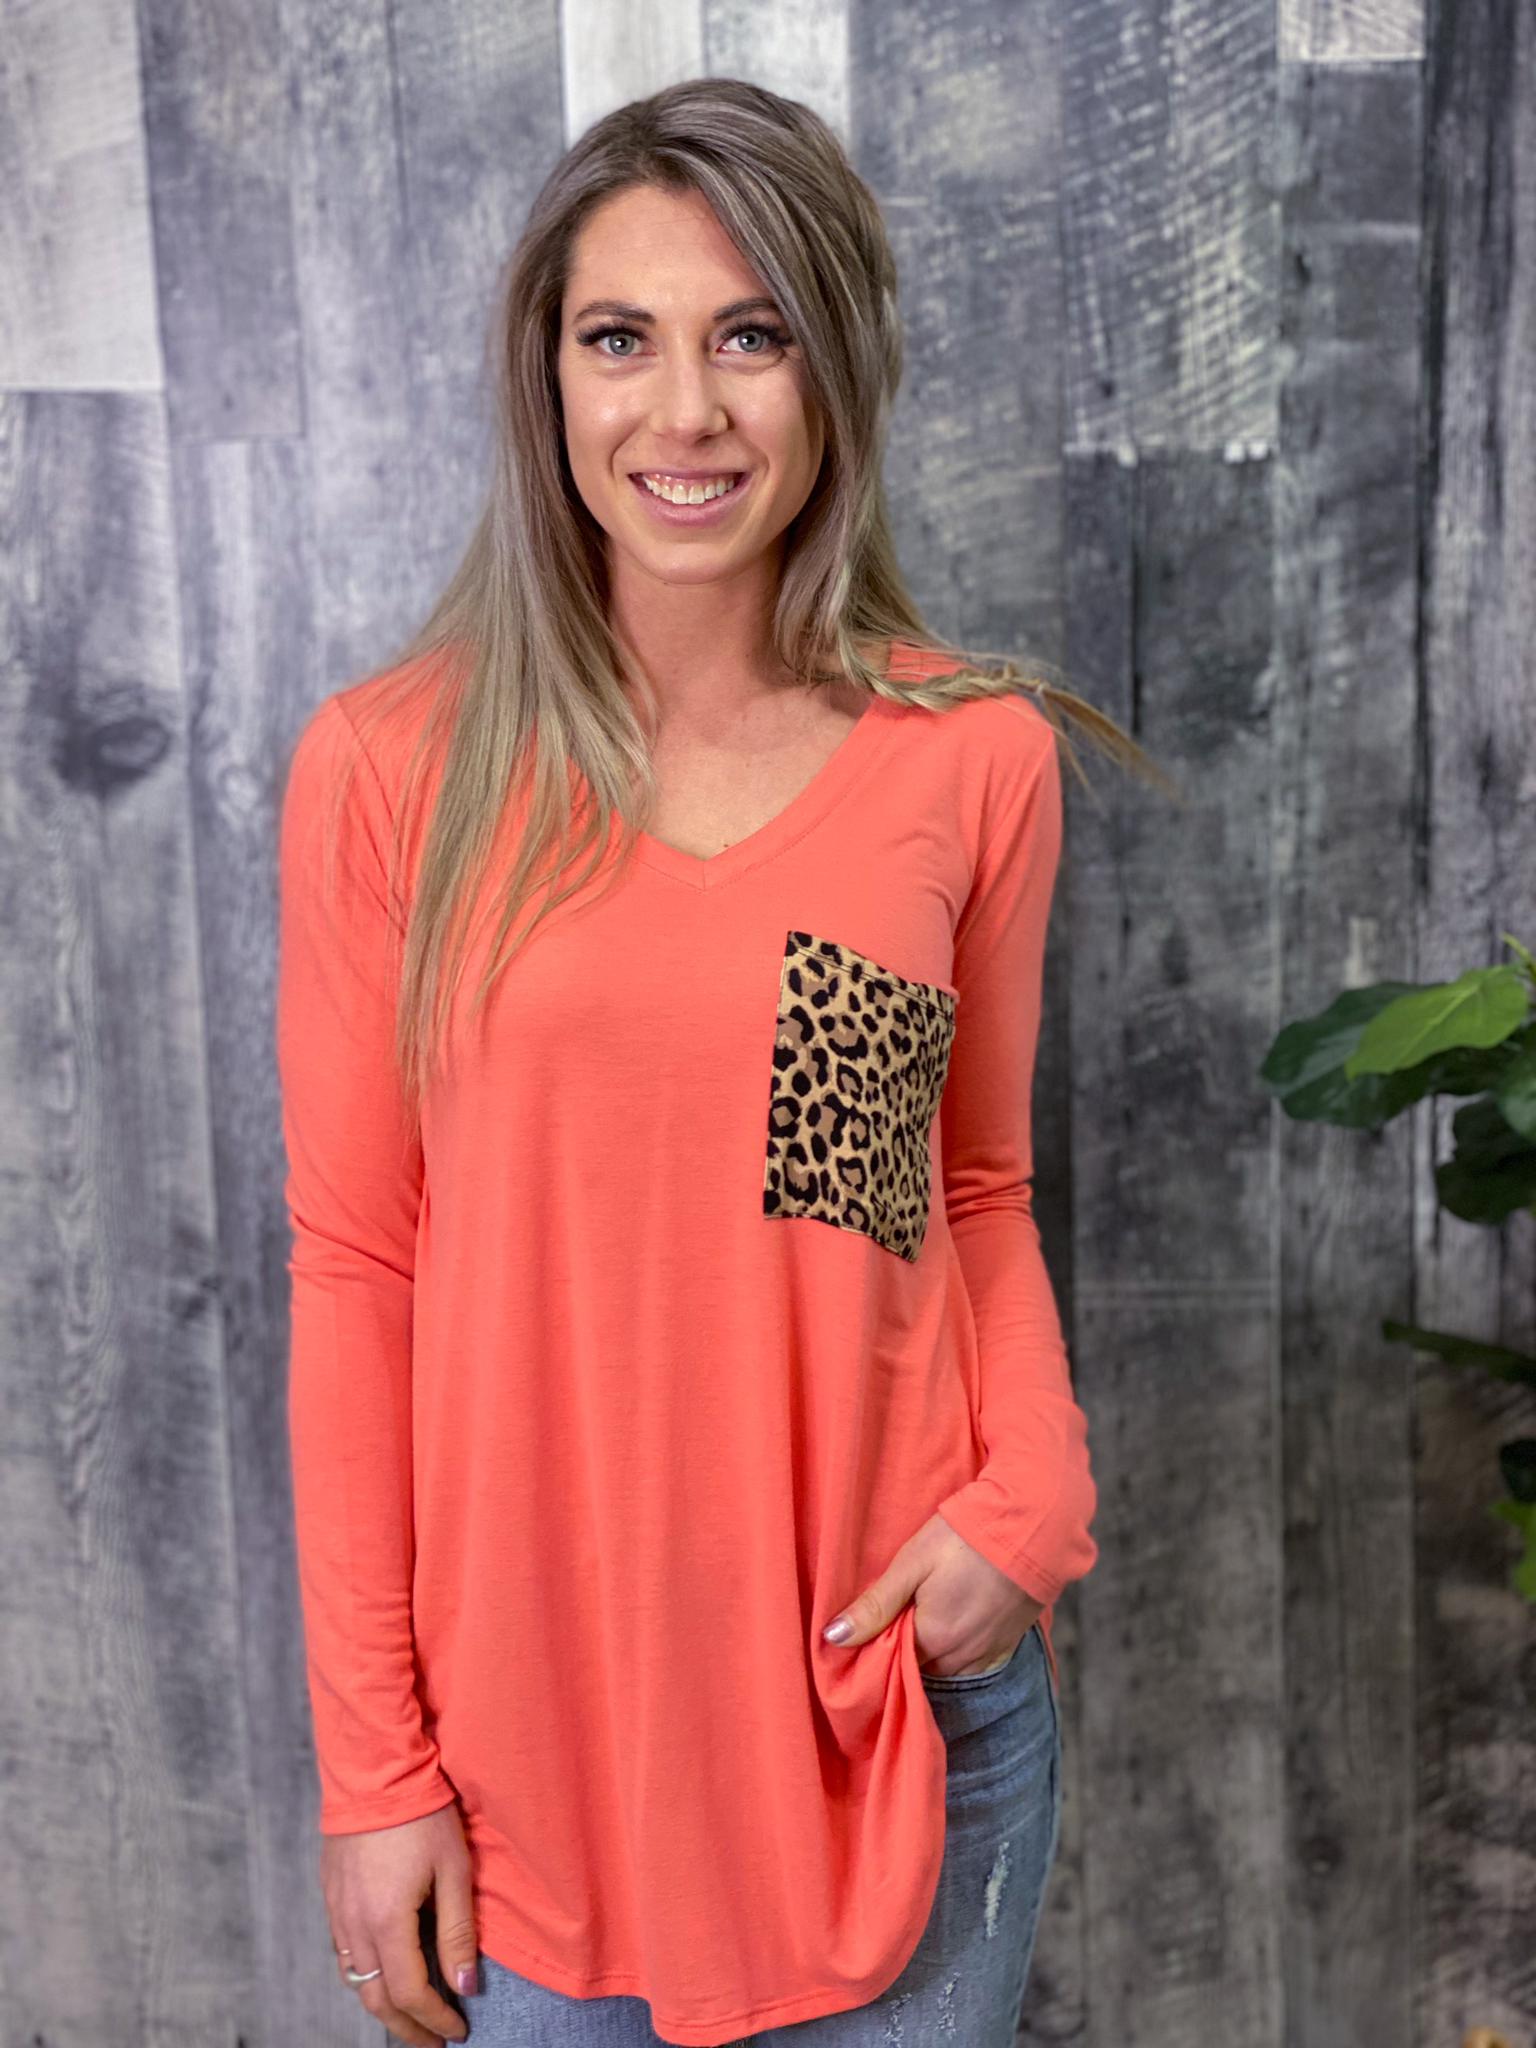 Coral Cheetah Pocket Top 84975